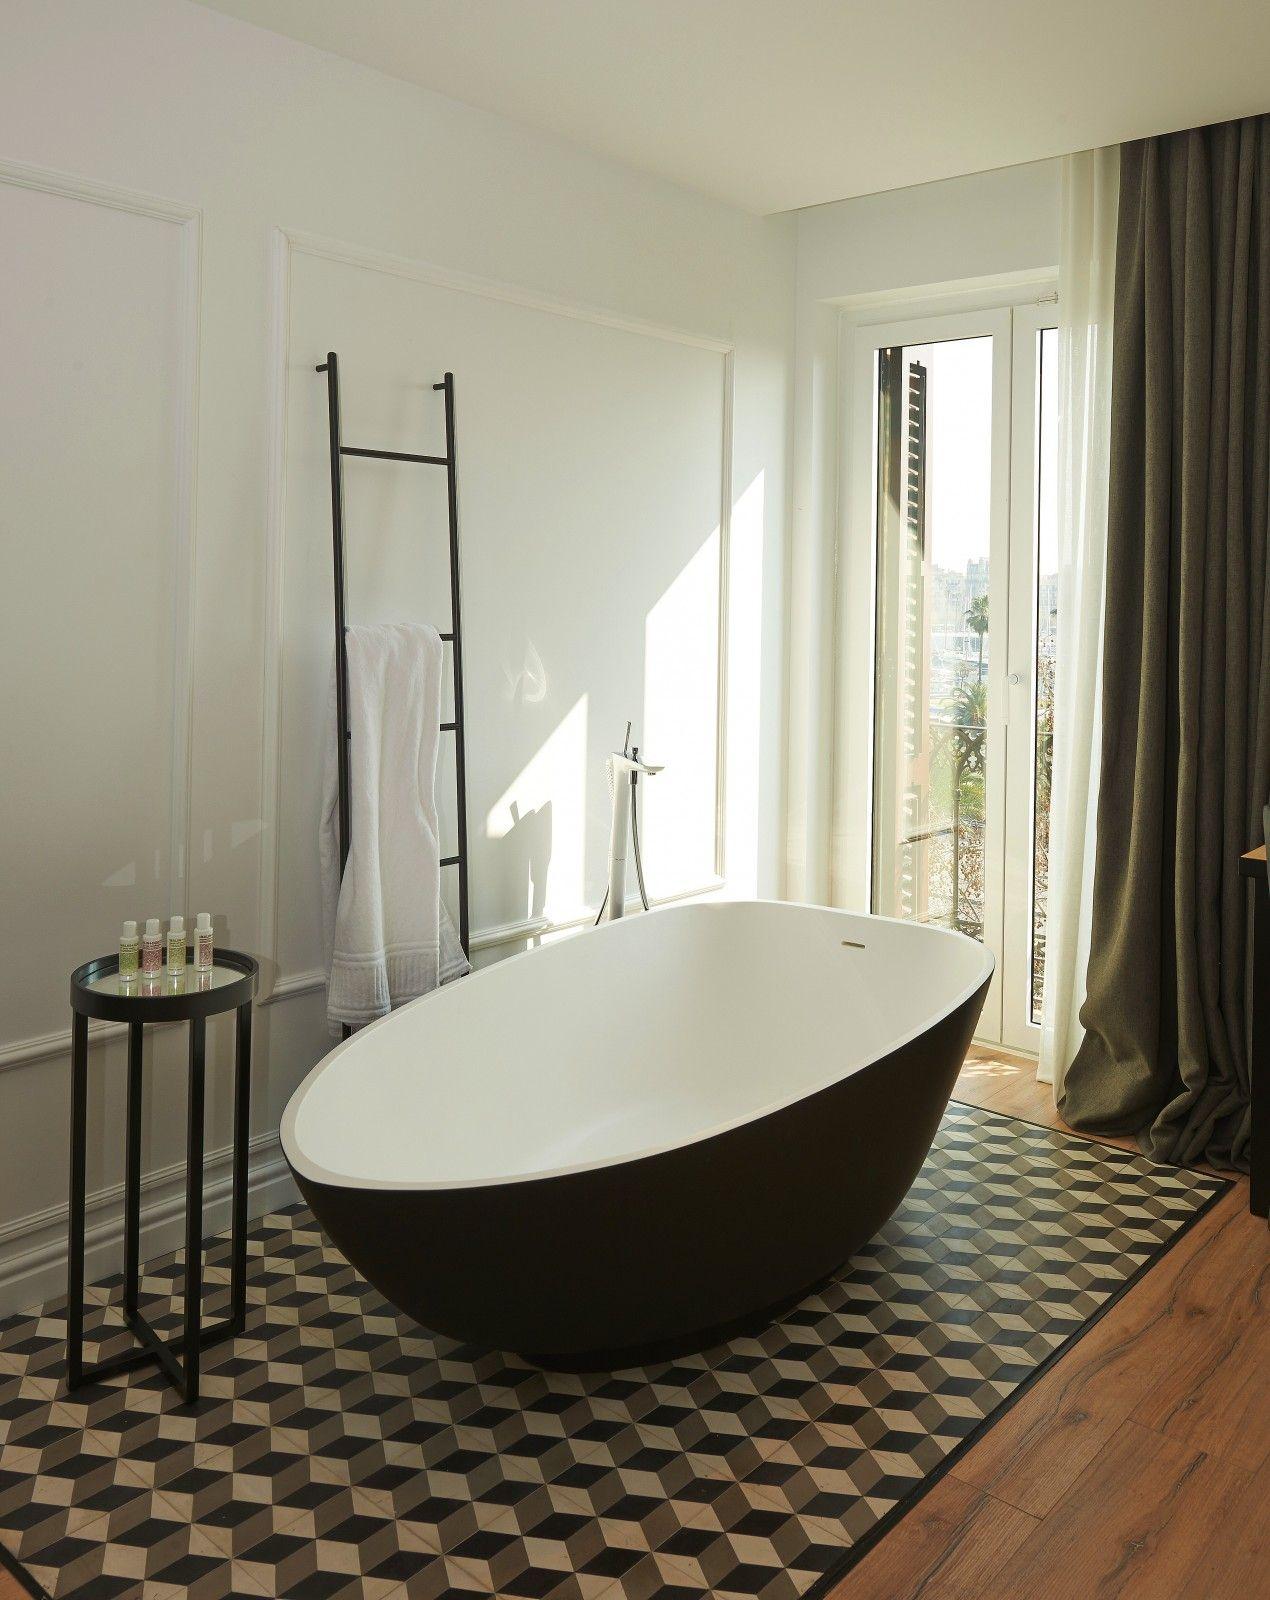 Bañera negra Mosaicos | picinas, baños, yacuzis, y otro | Pinterest ...